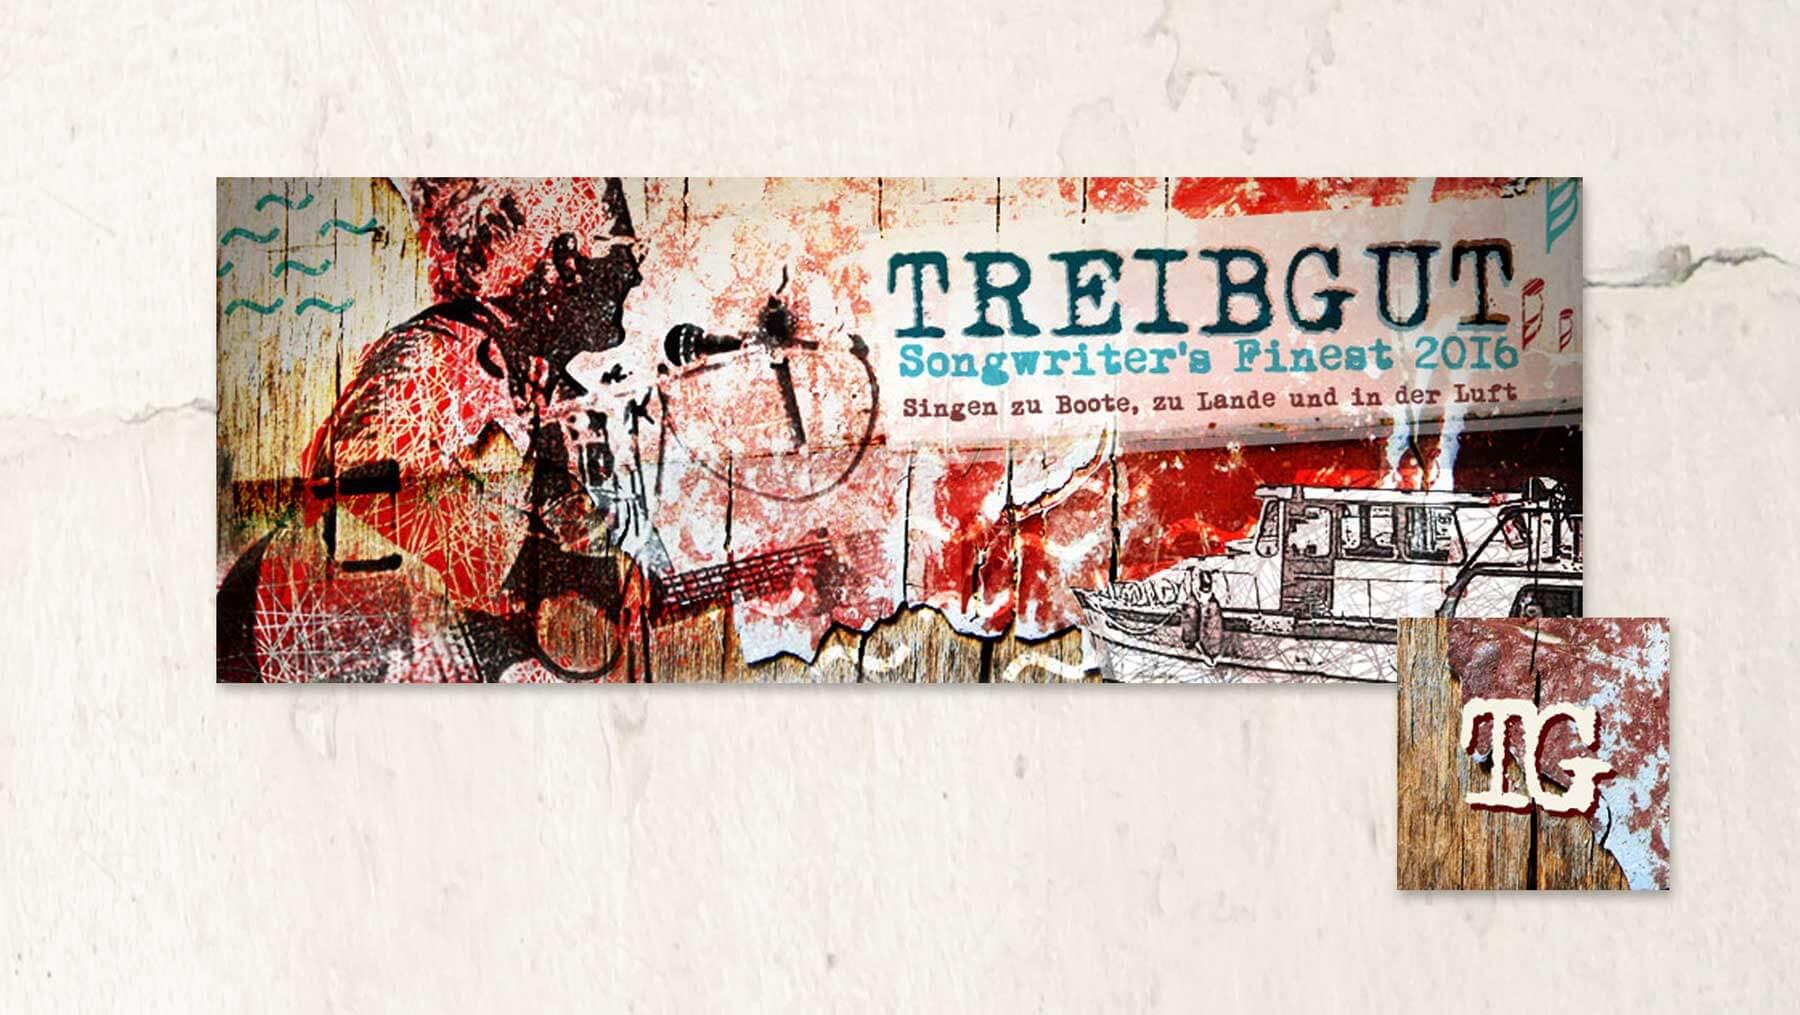 Treibgut - Songwriters Finest Facebook Banner